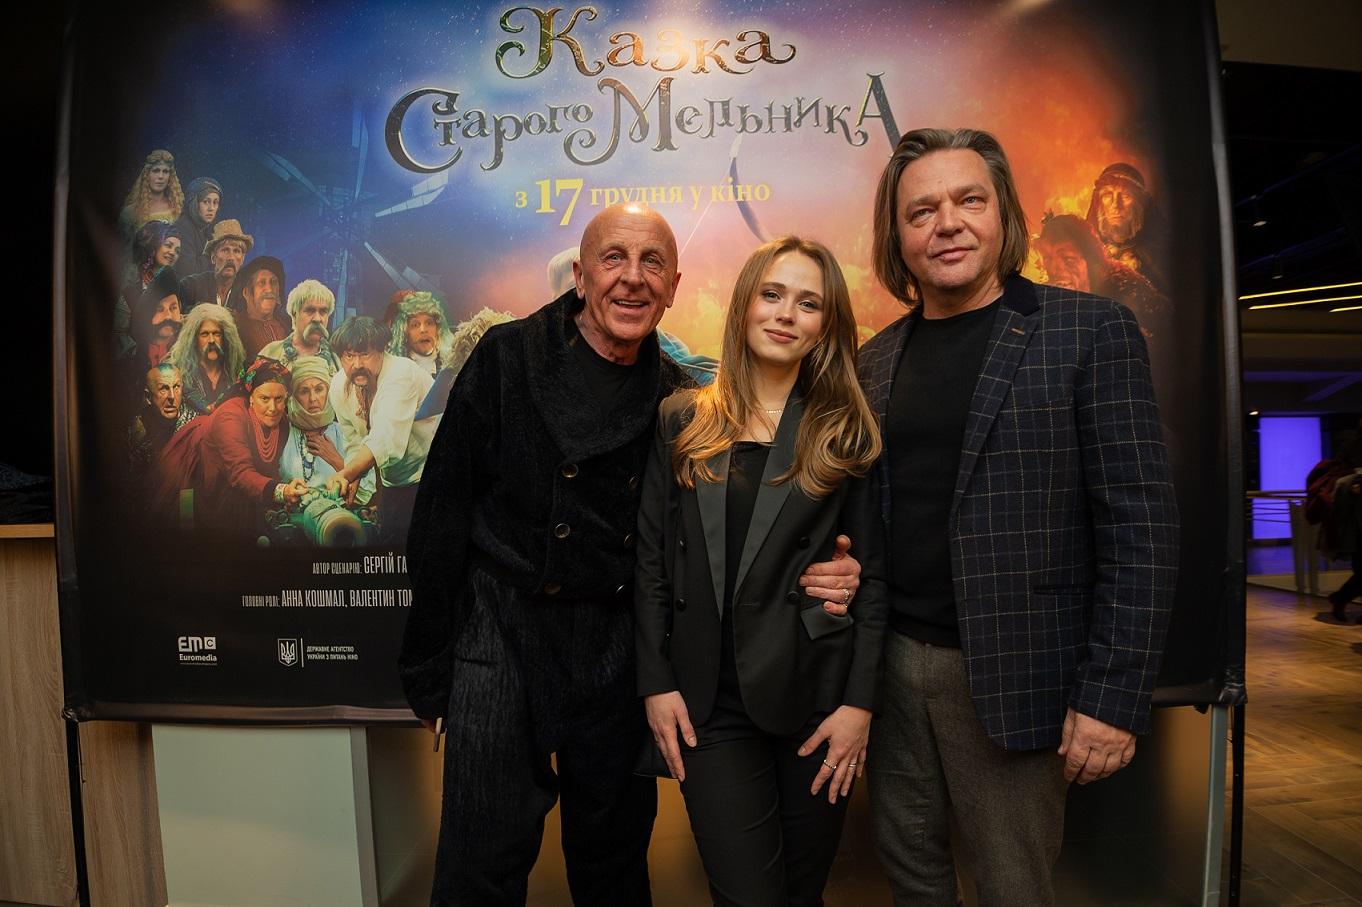 Состоялась долгожданная премьера украинского фэнтези «Сказка старого мельника» 1